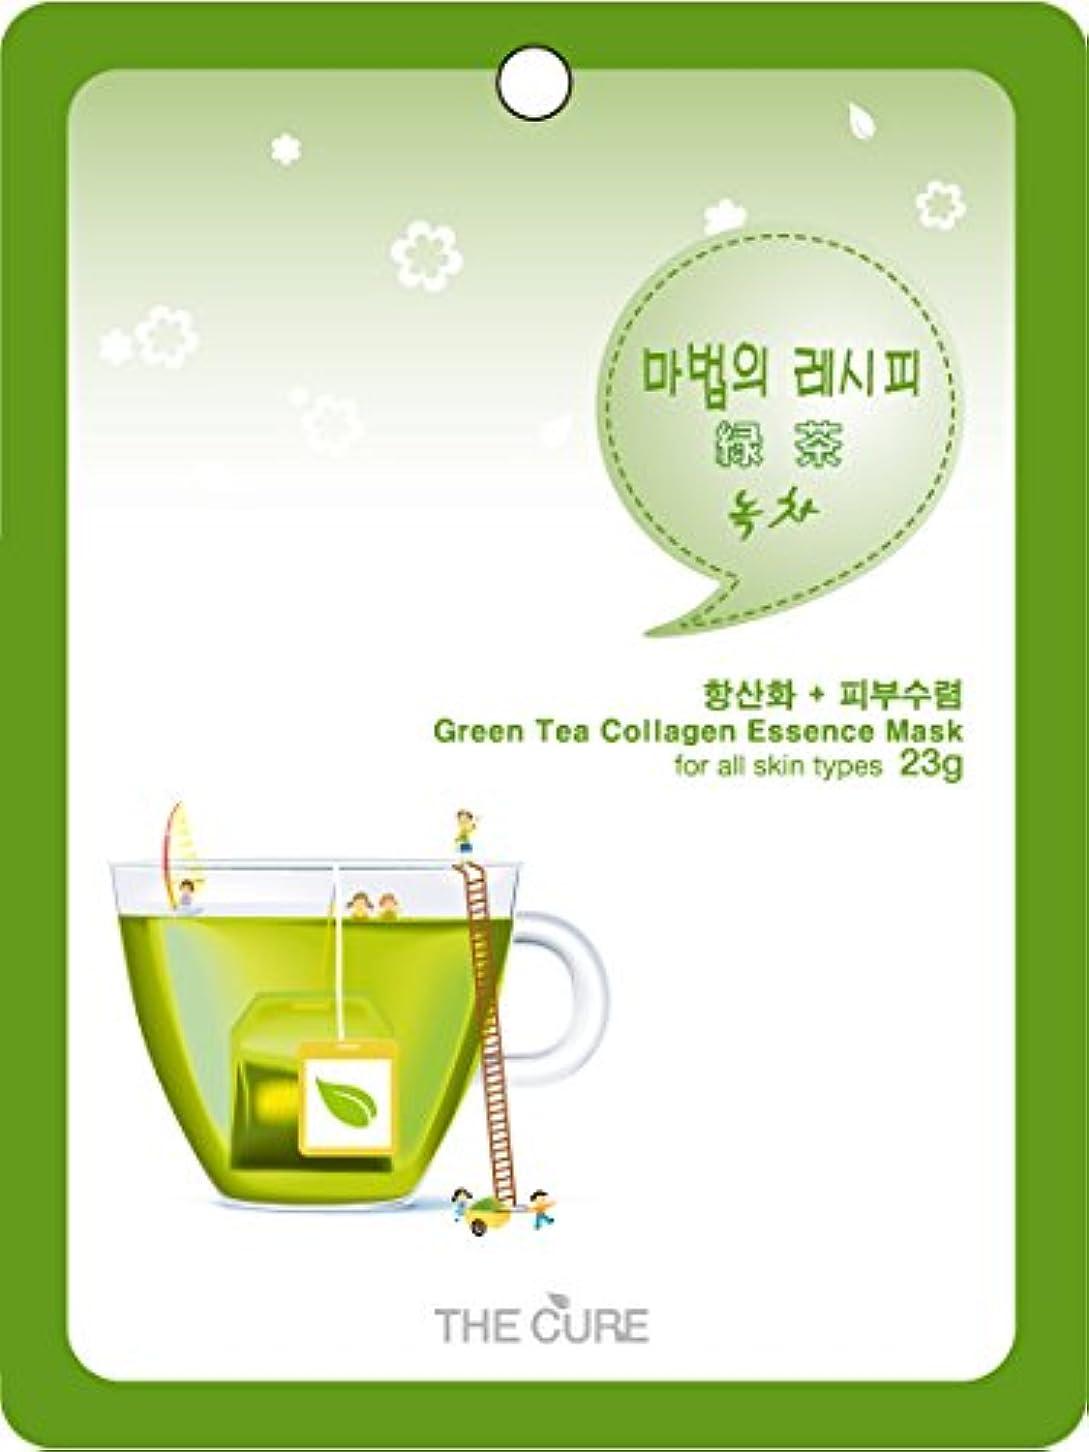 ブラケットぼんやりした良心的緑茶 コラーゲン エッセンス マスク THE CURE シート パック 100枚セット 韓国 コスメ 乾燥肌 オイリー肌 混合肌